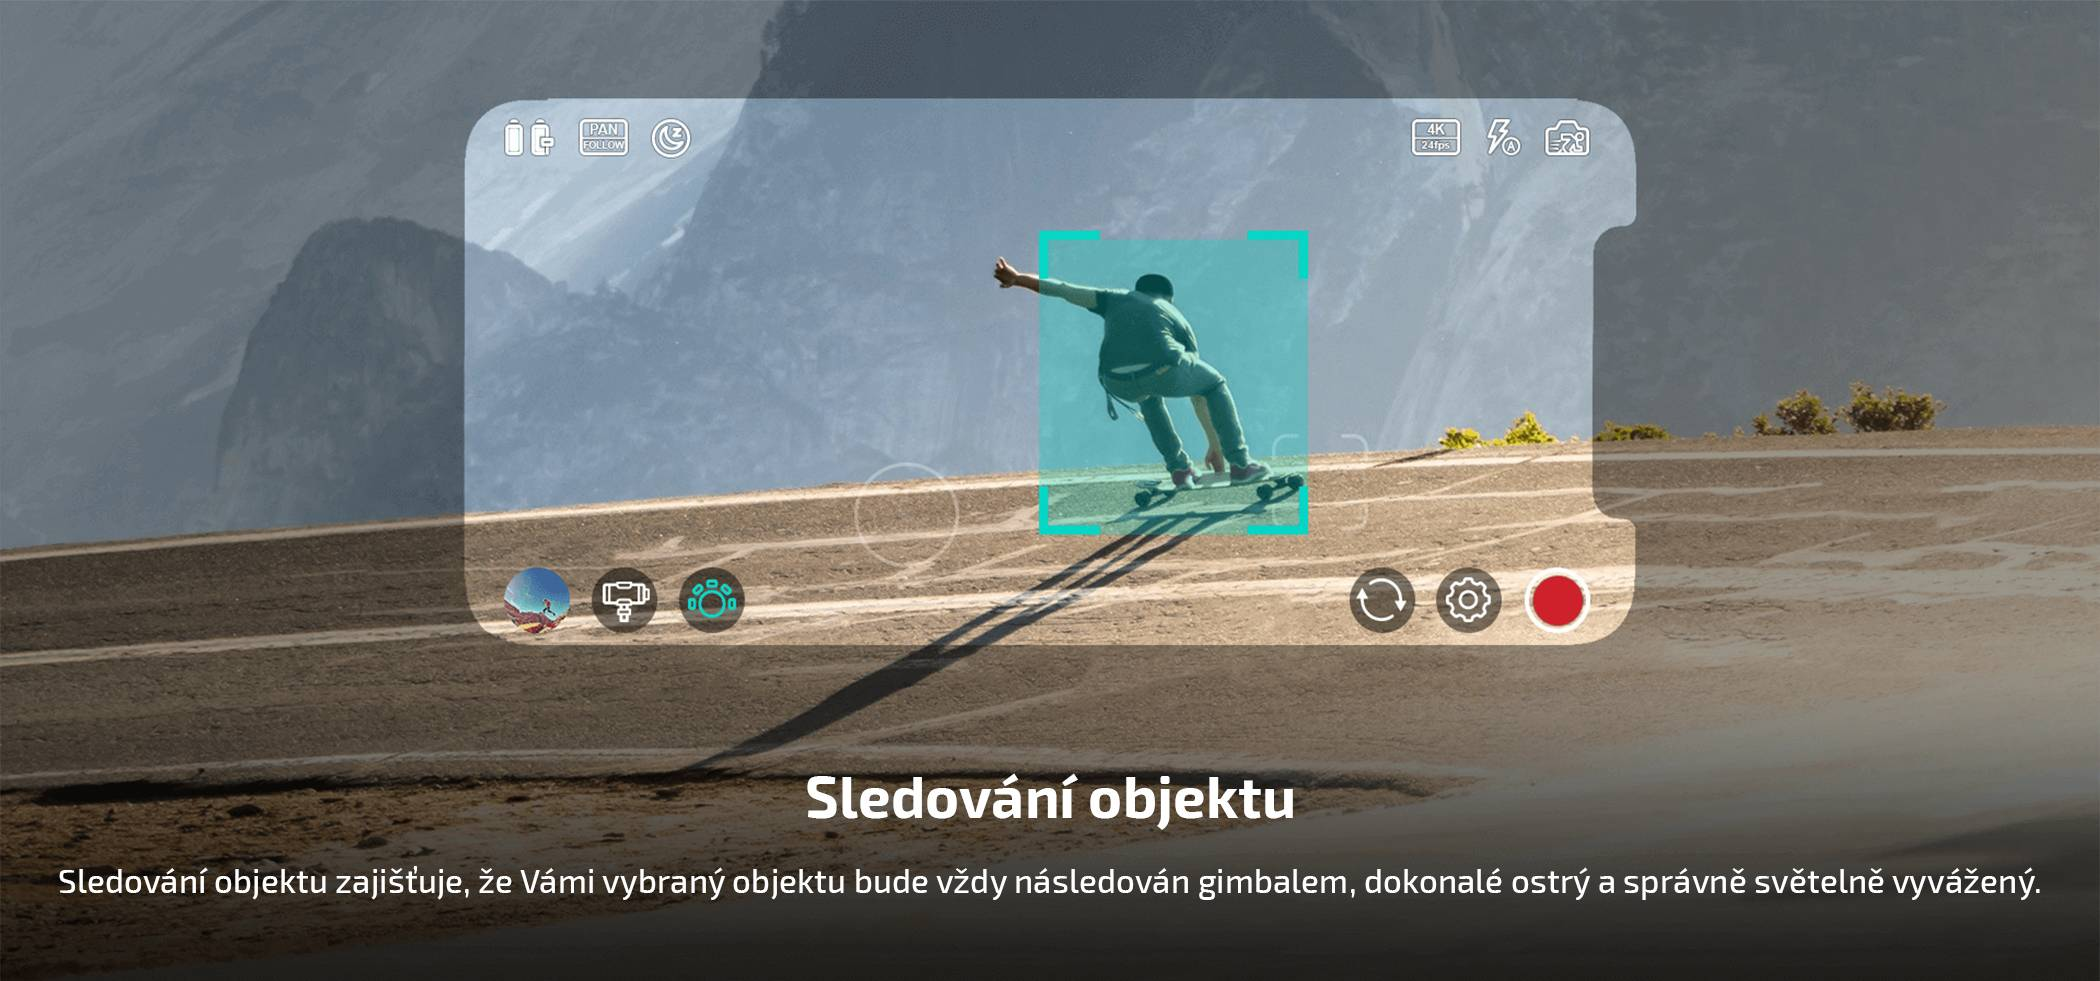 film-technika-gudsen-moza-mini-s-gimbal-pro-smartphony-sledování-objektu